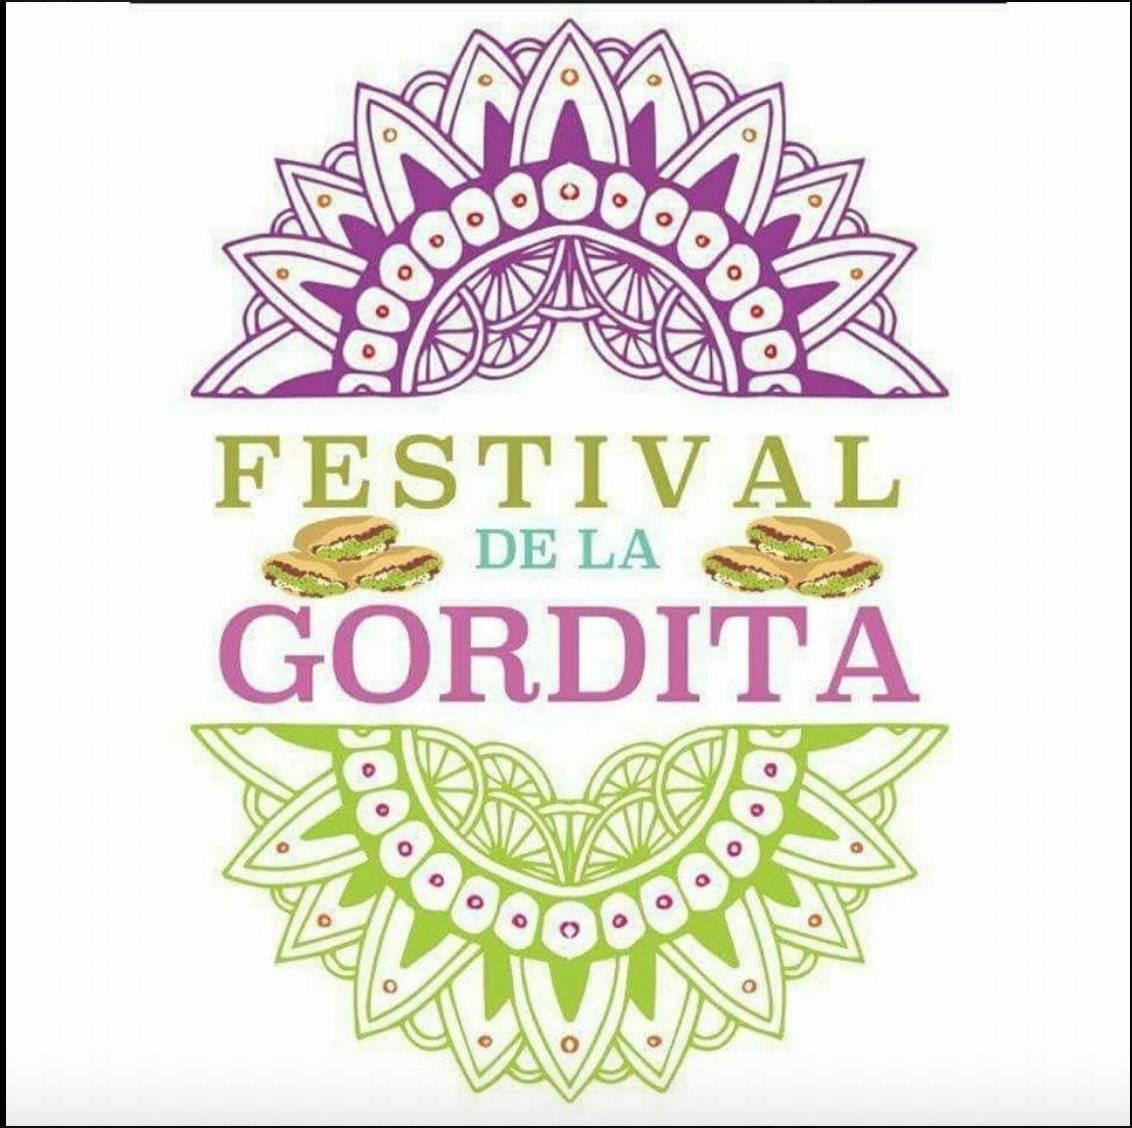 Festival de la gordita